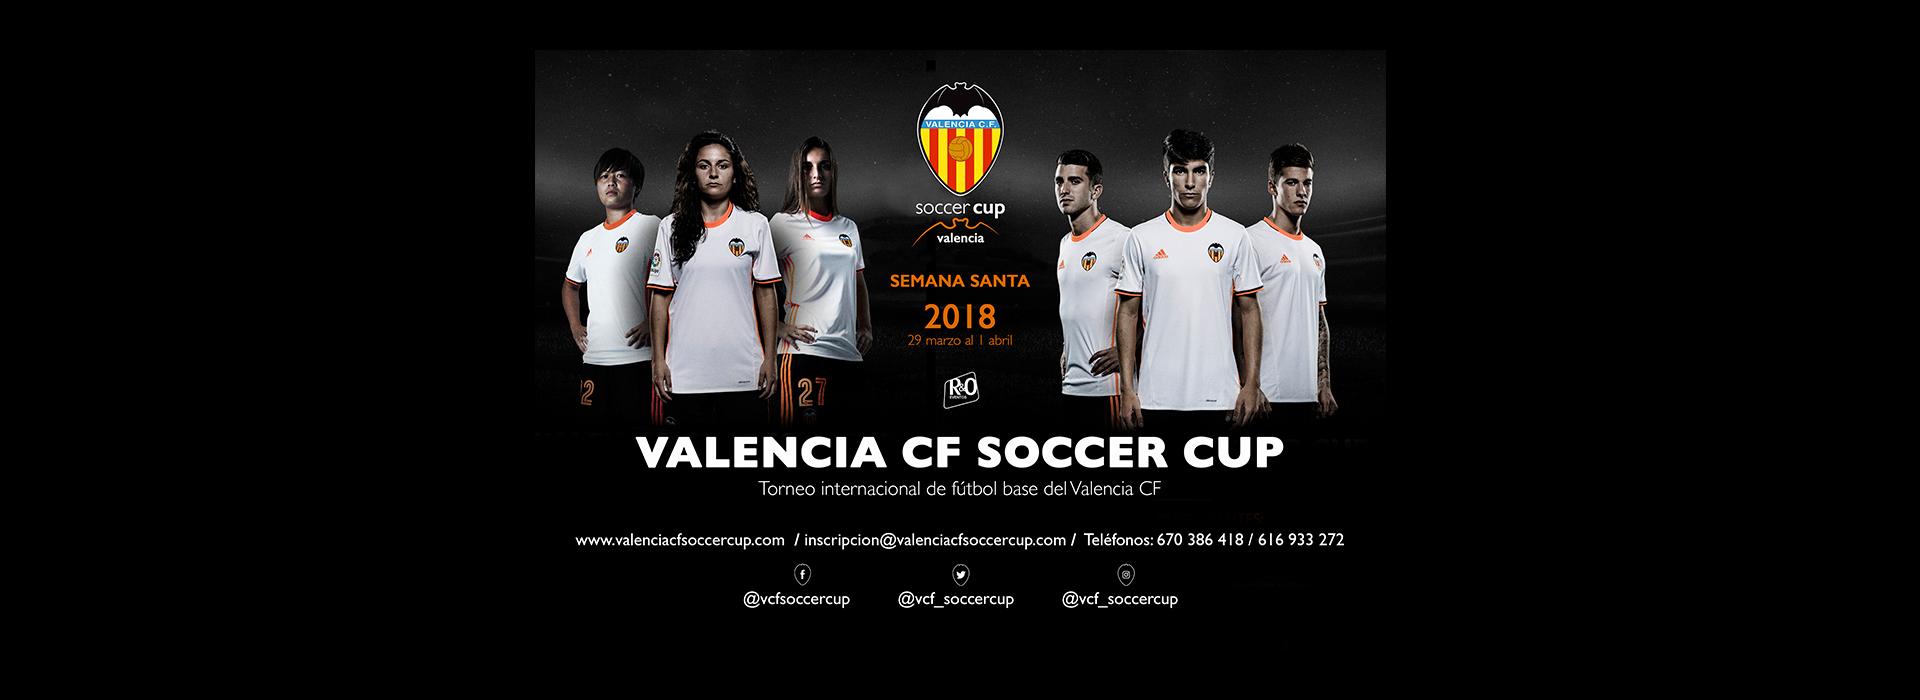 La Valencia CF Soccer Cup un torneo de fútbol base que se consolida 1